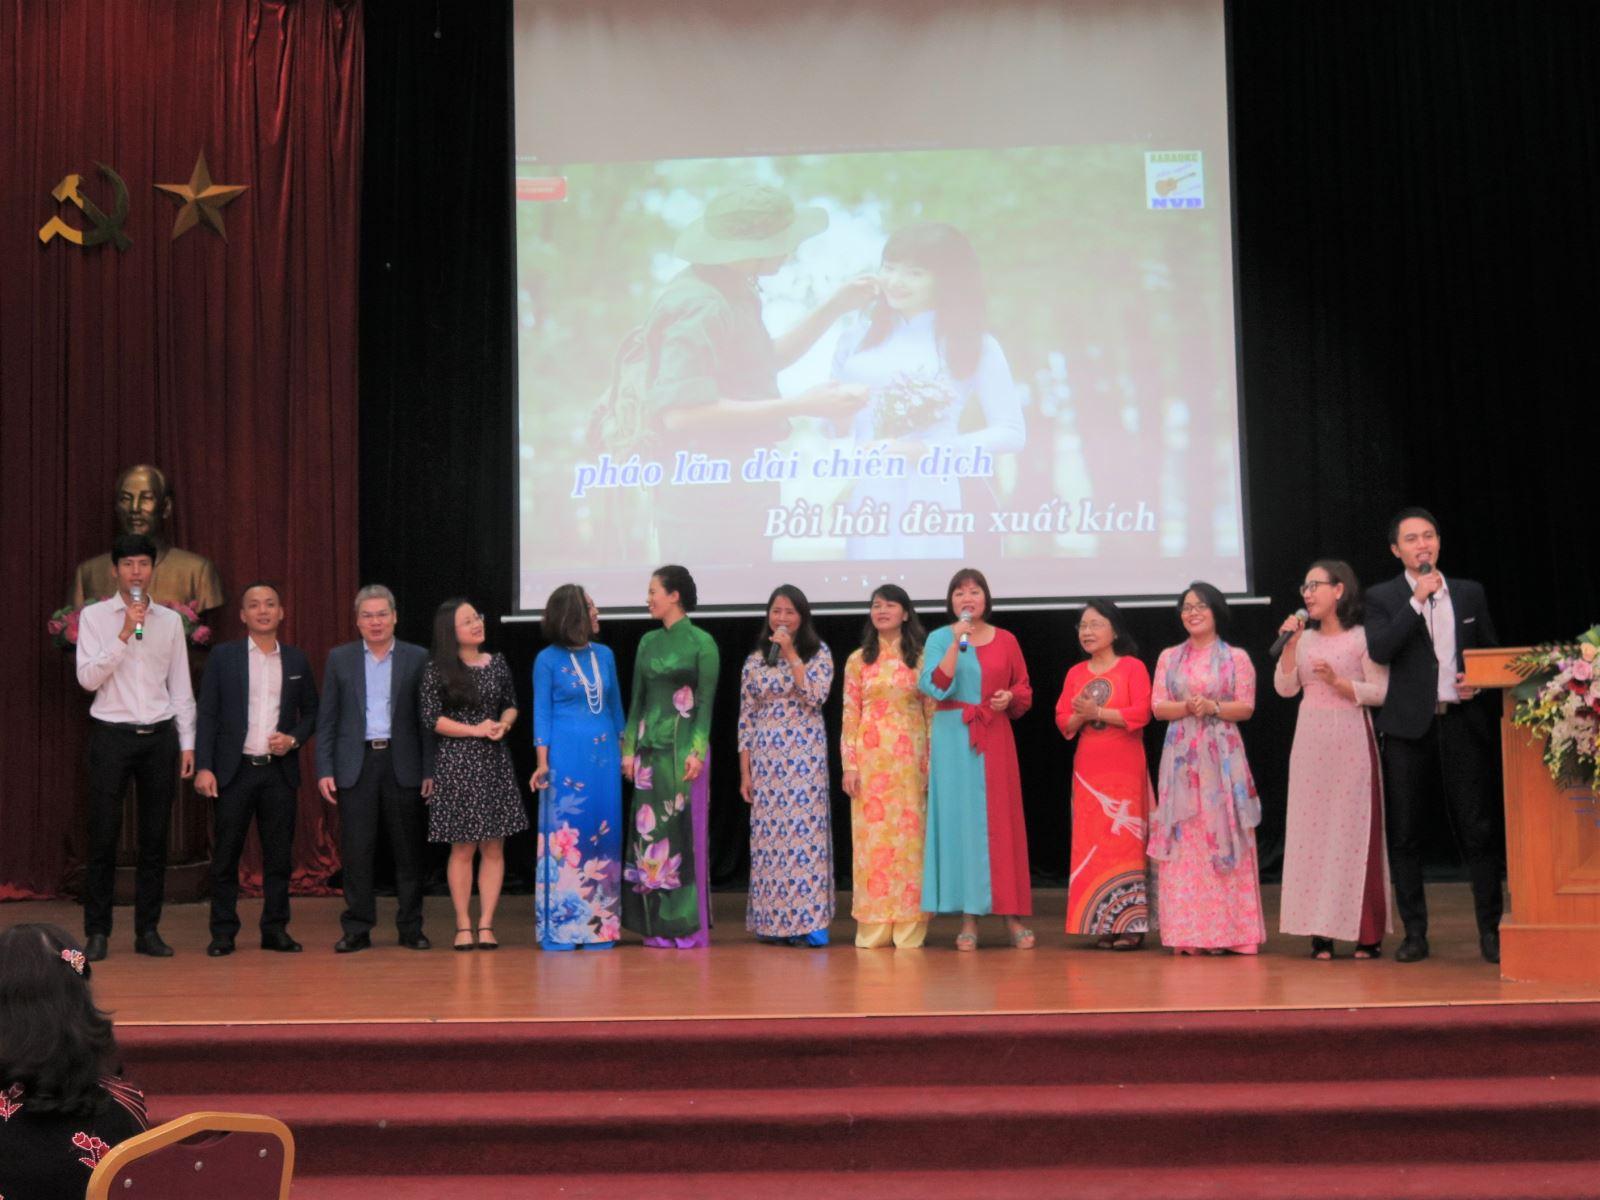 Học viện Phụ nữ Việt Nam tổ chức gặp mặt cán bộ hưu trí đầu xuân Canh Tý